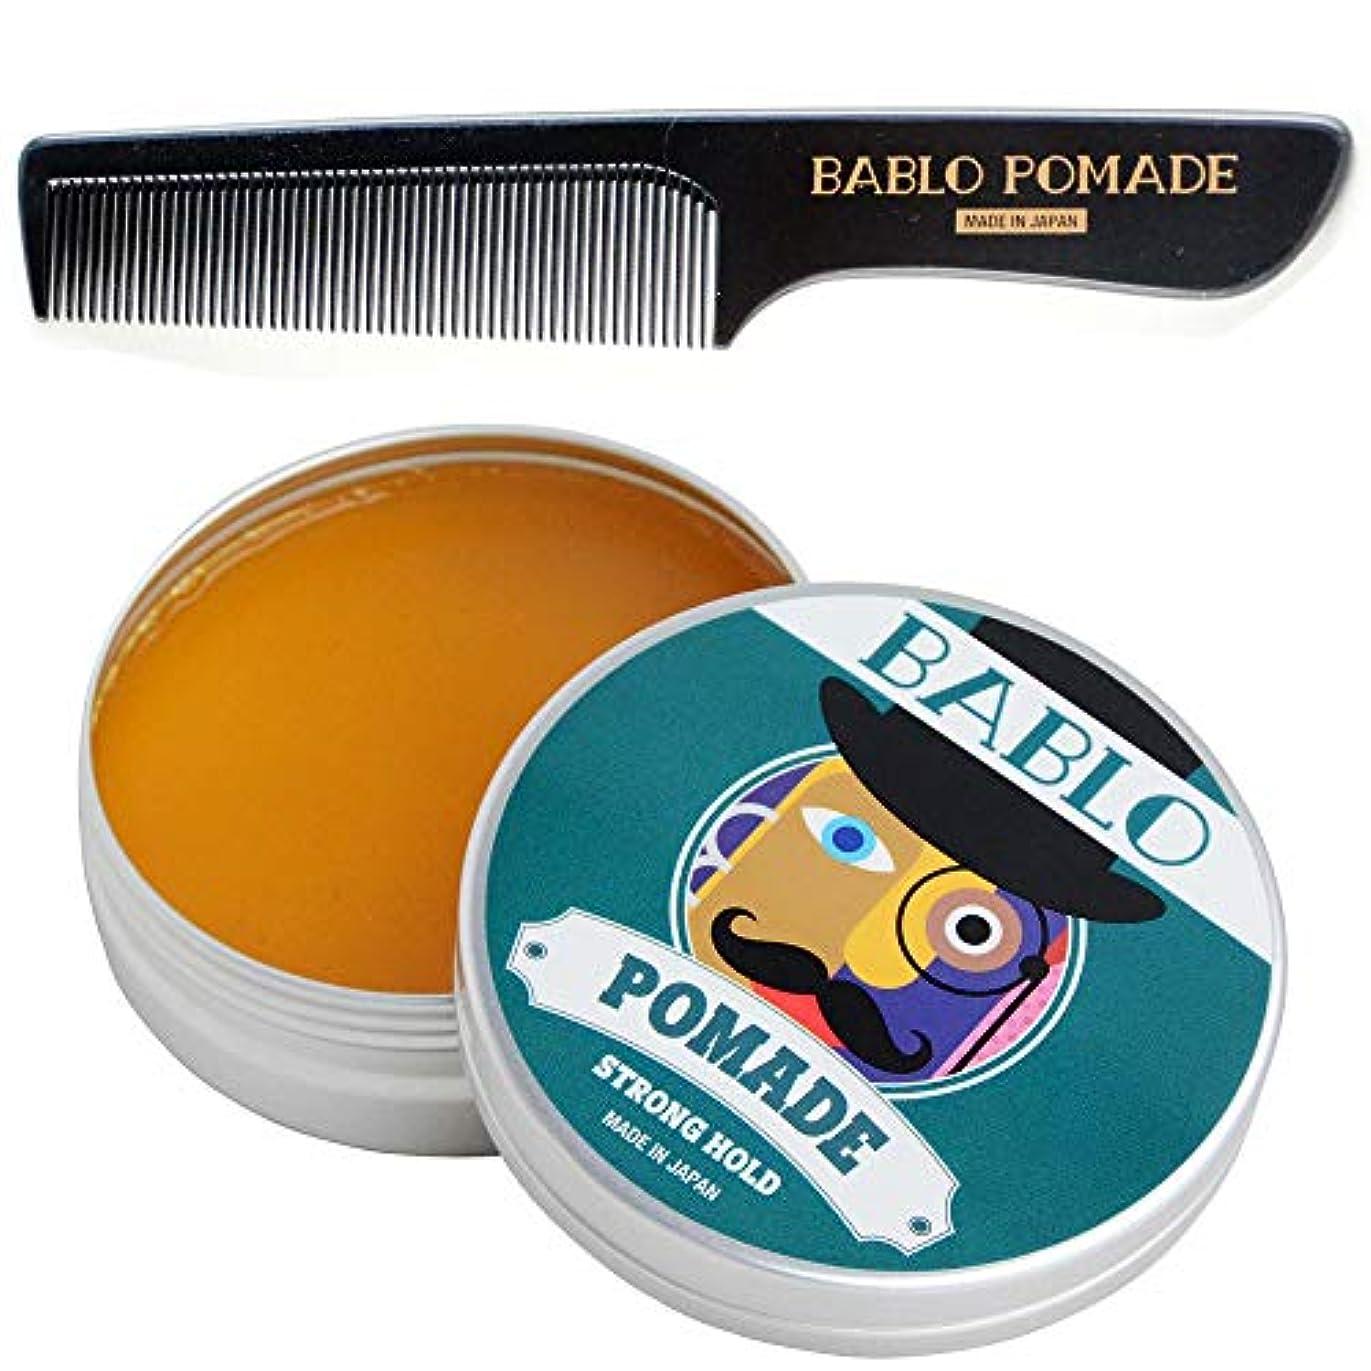 困難近代化するバルーンバブロ ポマード(BABLO POMADE) ストロング ホールド メンズ 整髪料 水性 ヘアグリース (単品&オリジナルコーム付)